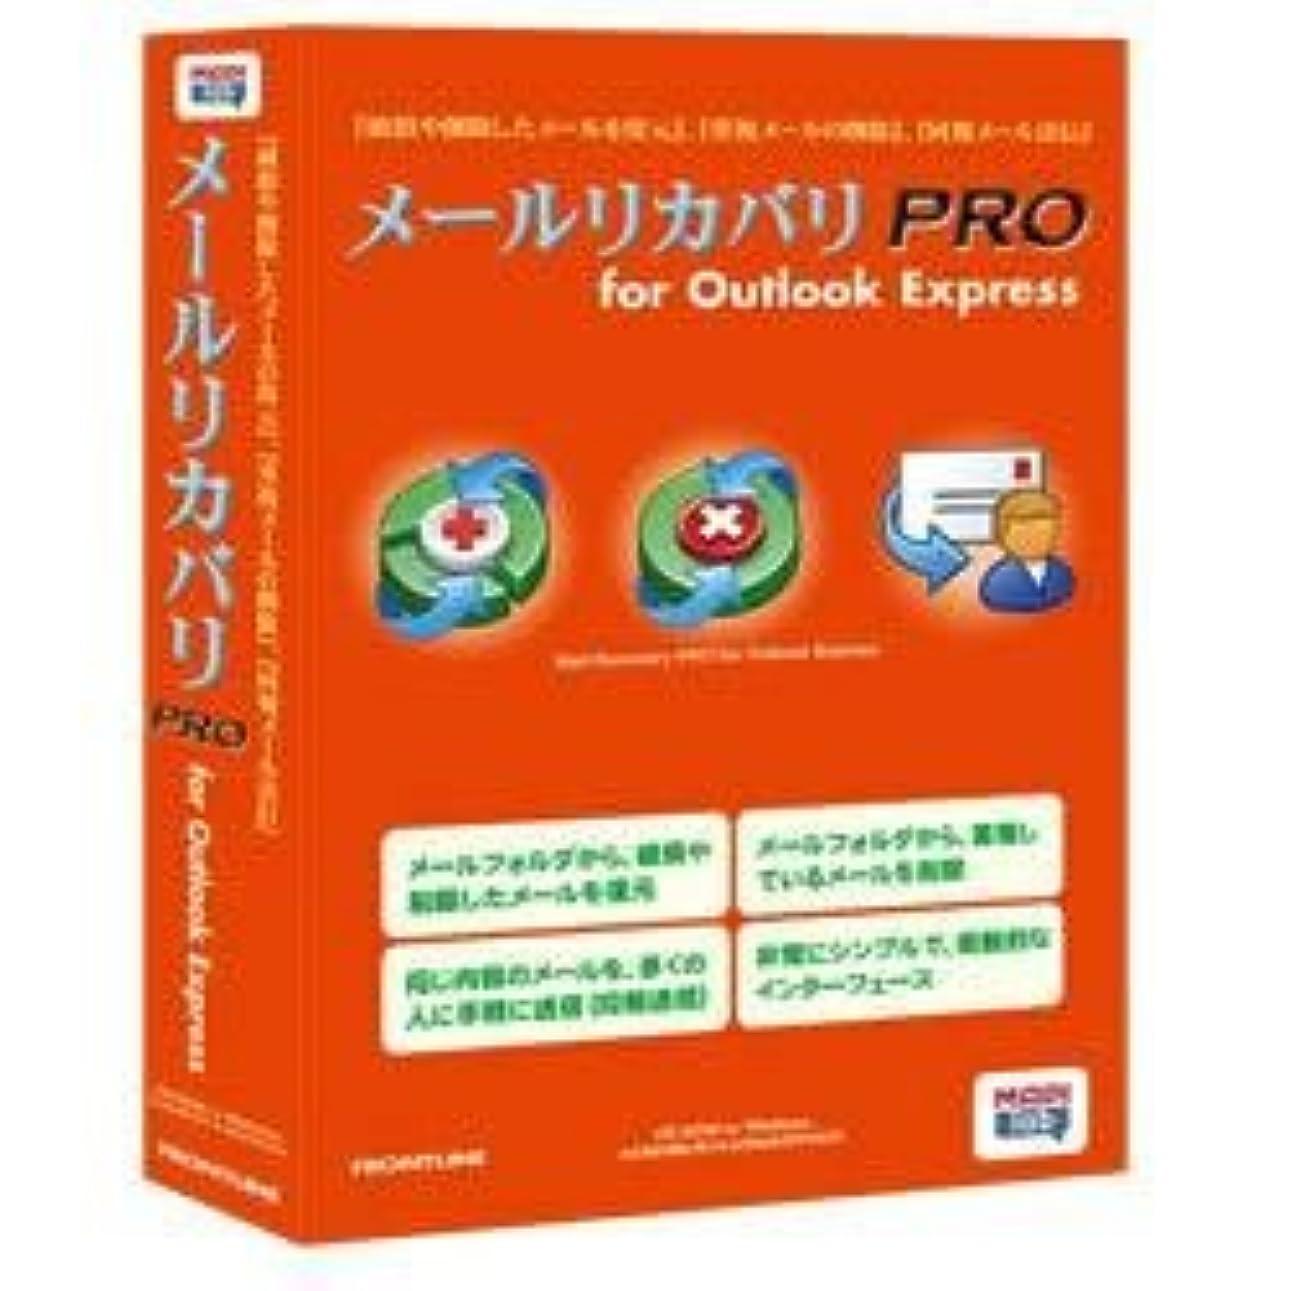 例示する先駆者ペインギリックメールリカバリ PRO for Outlook Express 5Pack